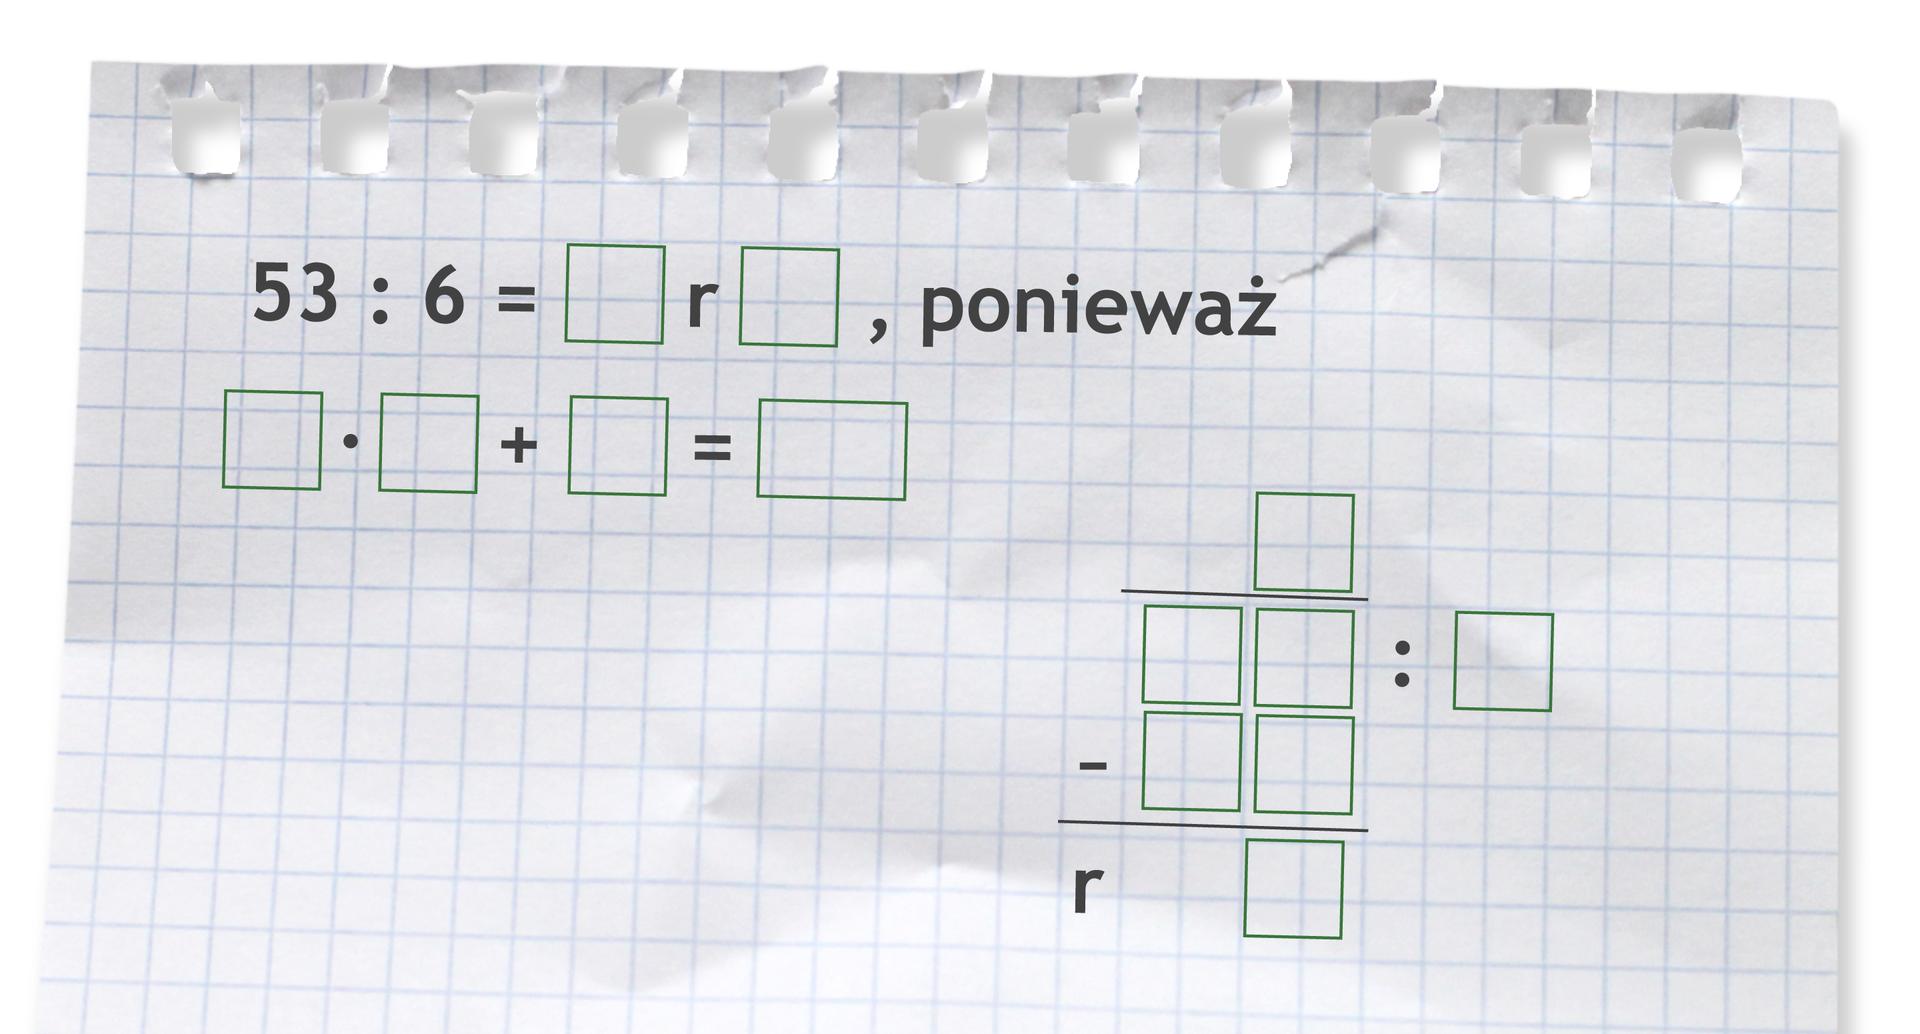 Miejsce do wykonania dzielenia zresztą: 53 dzielone przez 6.